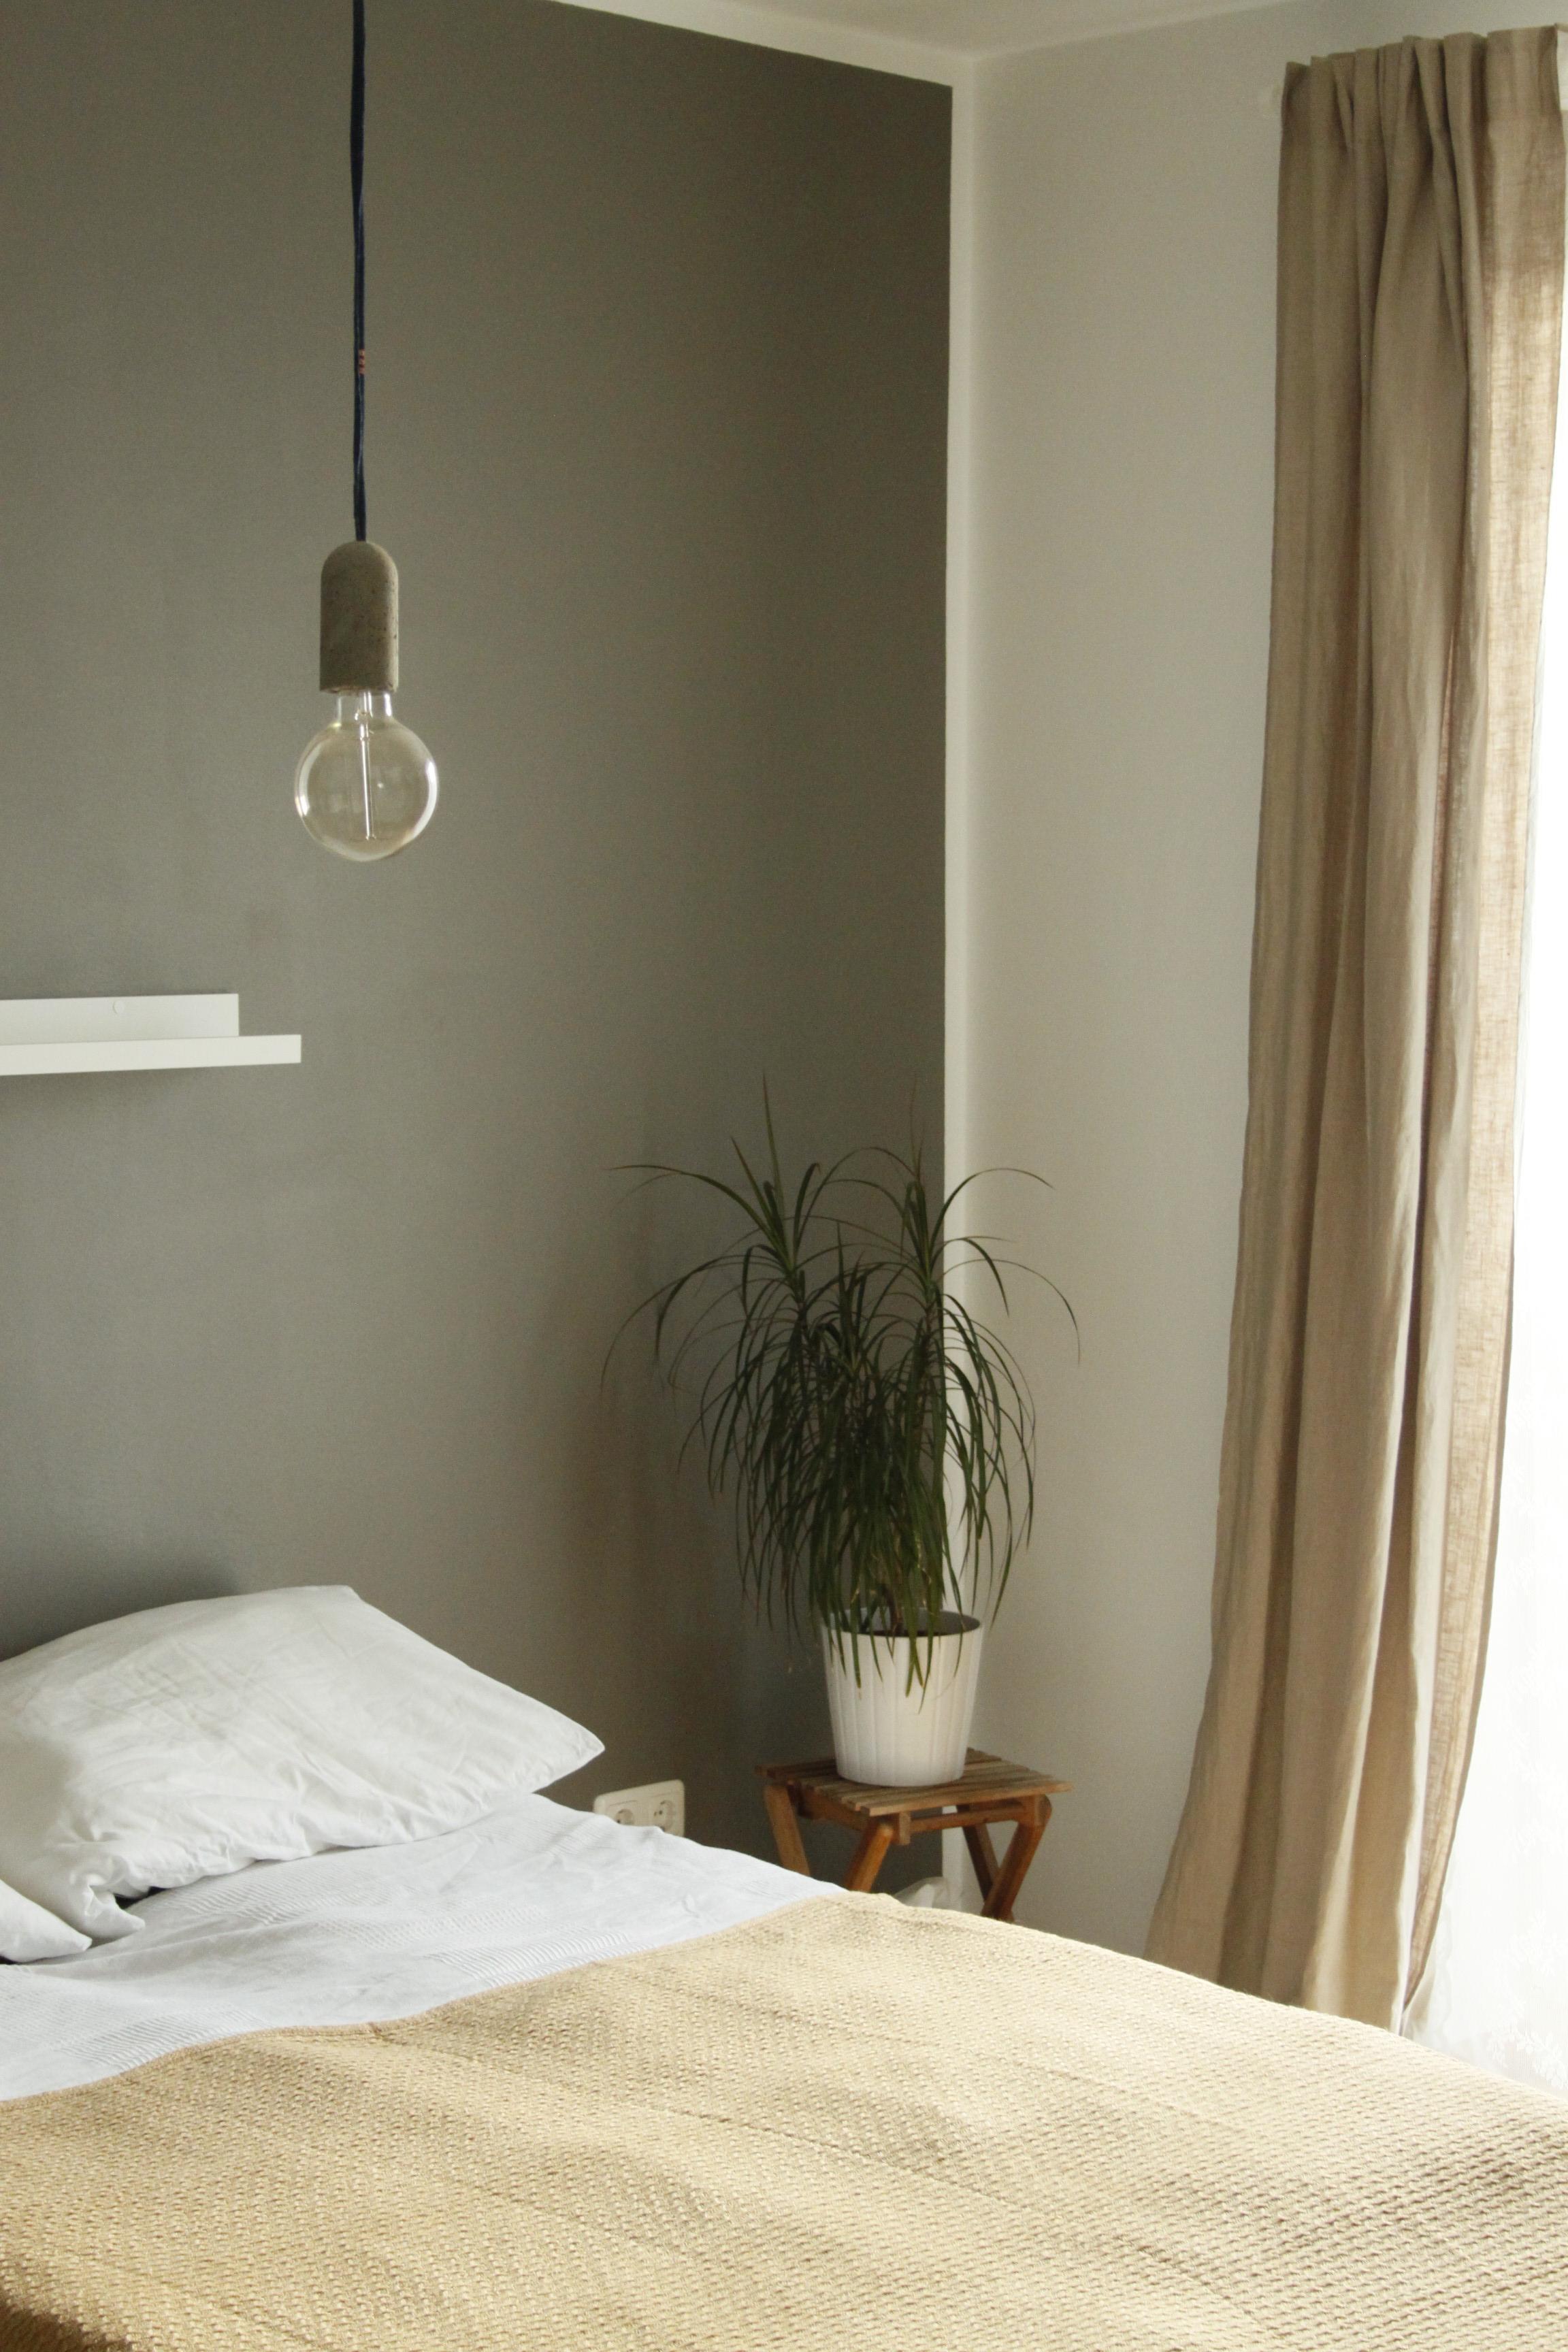 Neue Betonlampe In Unserem Schlafzimmer Natuerlich Beige 775b1e72 886b 4867  99f5 26730df06ed9